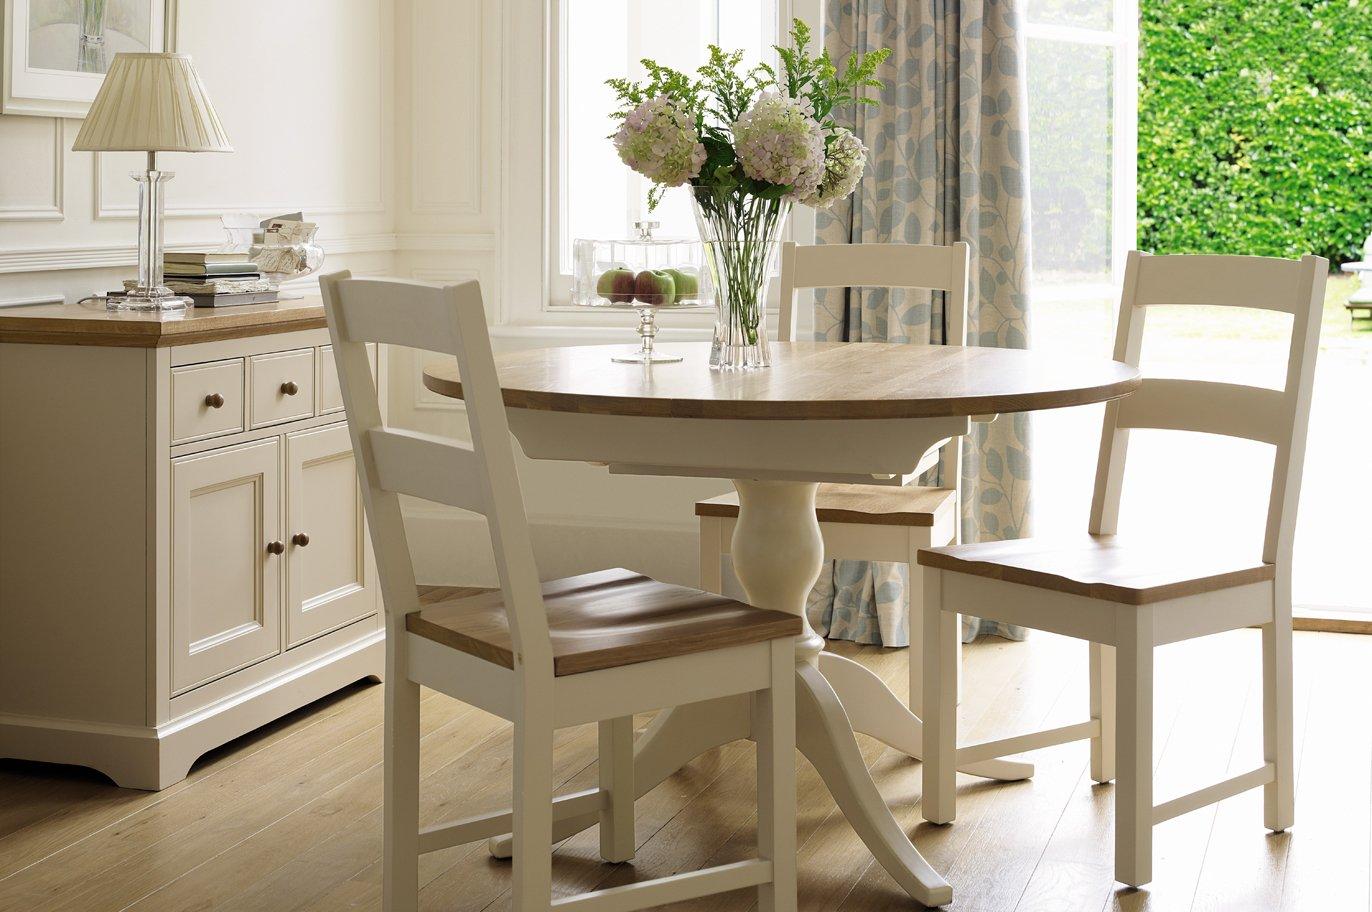 Muebles para una cocina de estilo ingl s decoraci n del hogar - Muebles estilo neoclasico ...